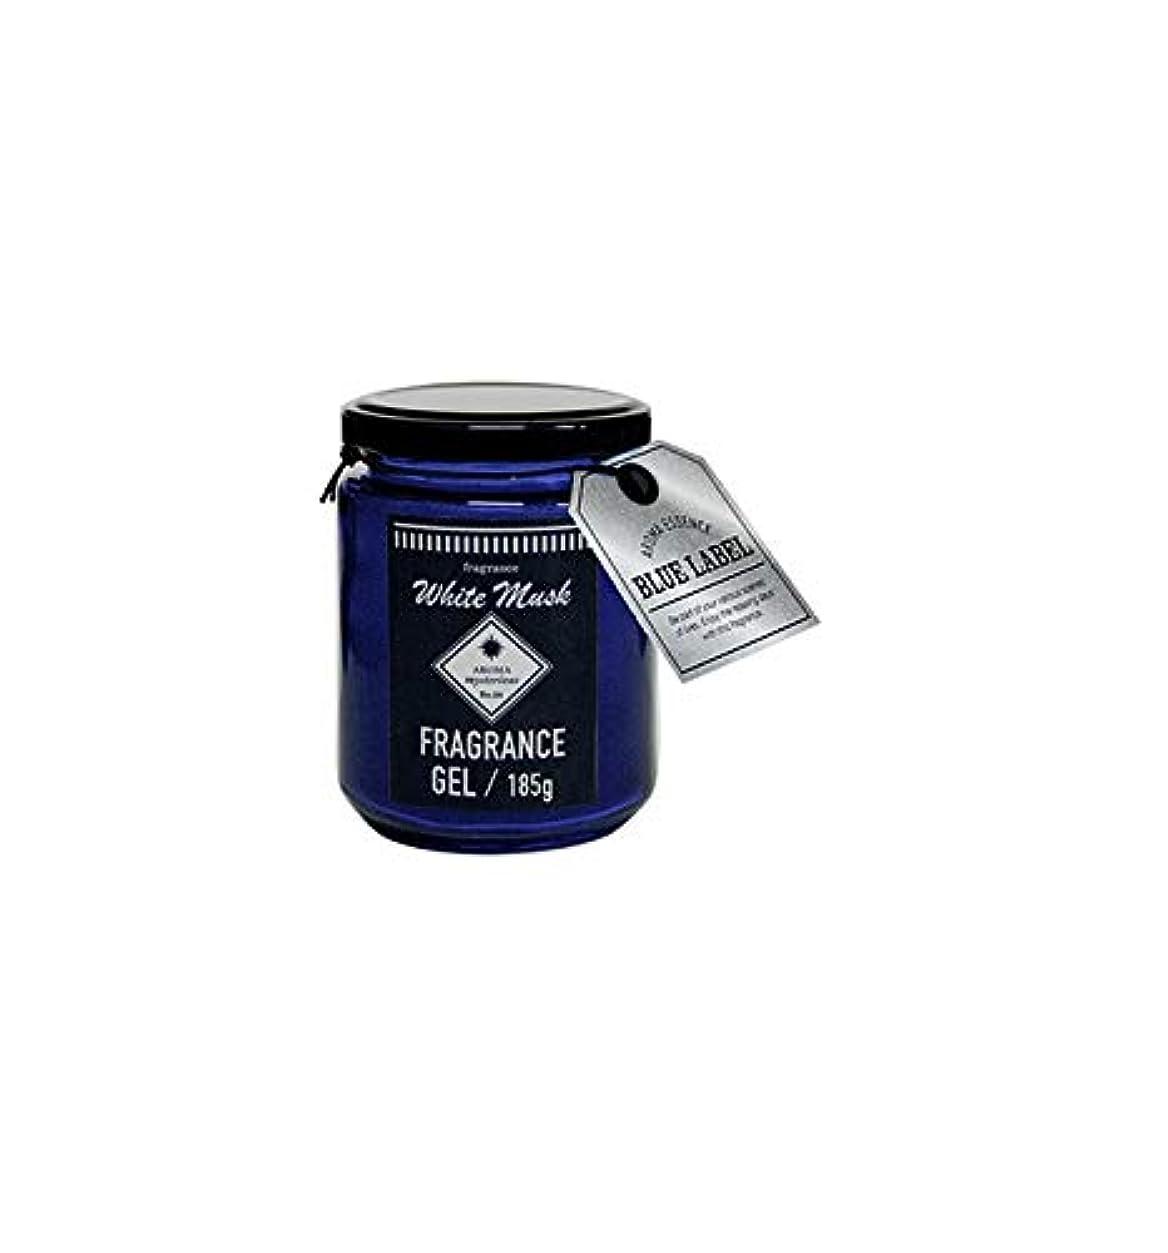 弁護士革新尊厳ブルーラベル ブルー フレグランスジェル185g ホワイトムスク(消臭除菌 日本製 誰もが好む香り)